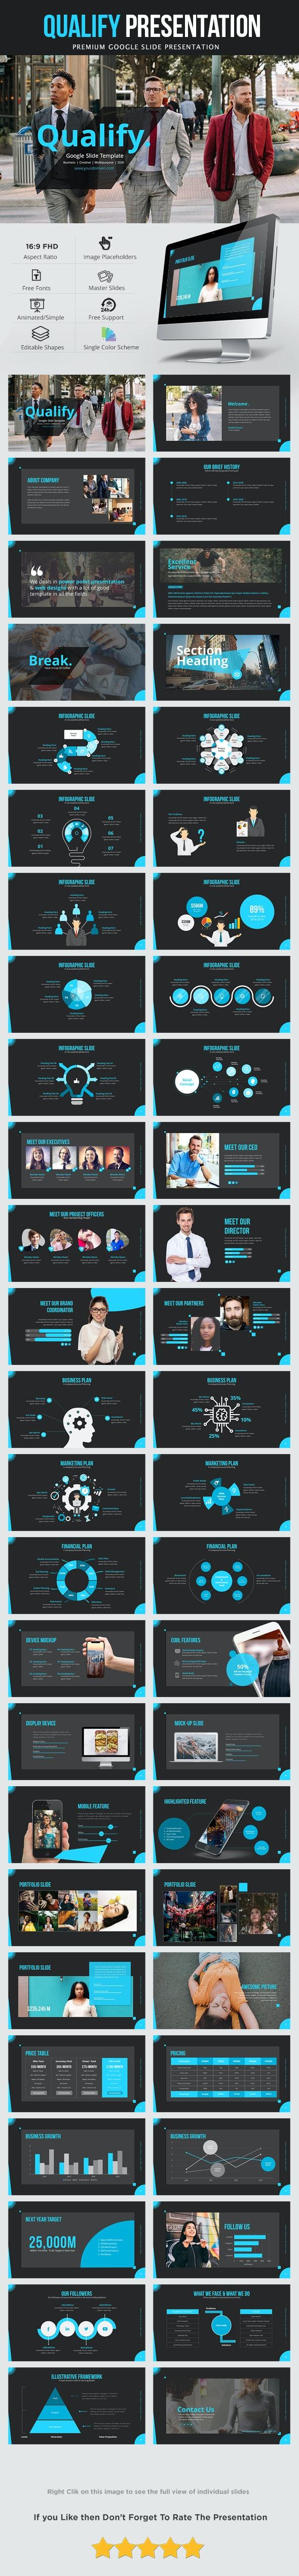 Qualify Google Slide Presentation Template - Google Slides Presentation Templates